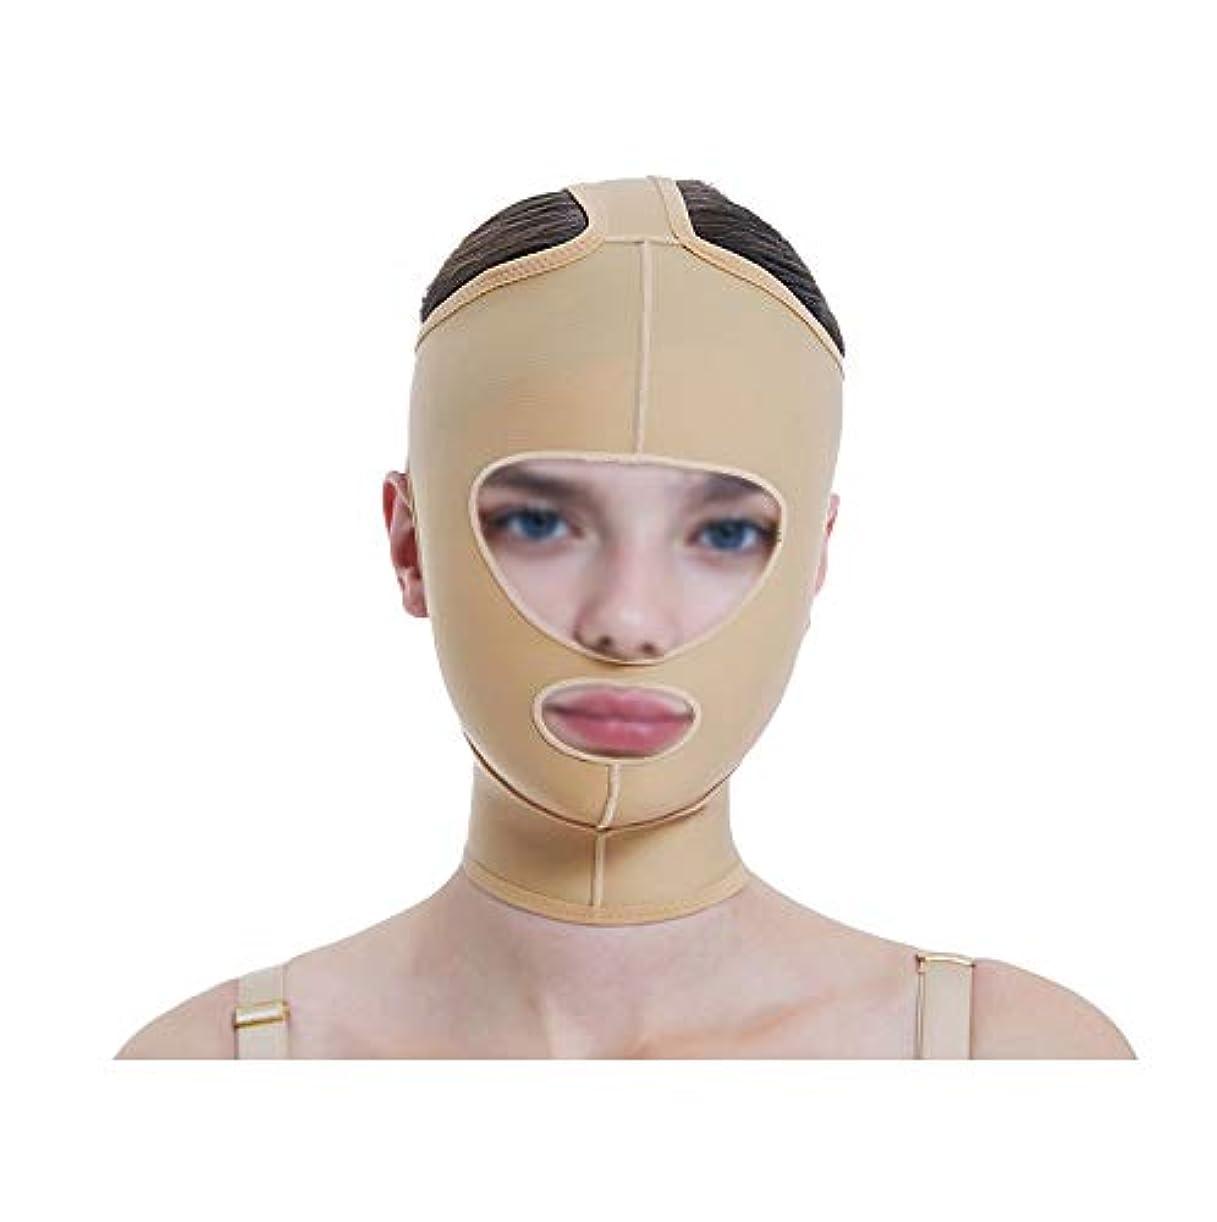 レインコートどうやって肯定的TLMY 顔と首のリフト痩身マスクの顔の彫刻の顔の弾性スーツ薄い二重あごのアーティファクトV顔のビーム表面 顔用整形マスク (Size : S)